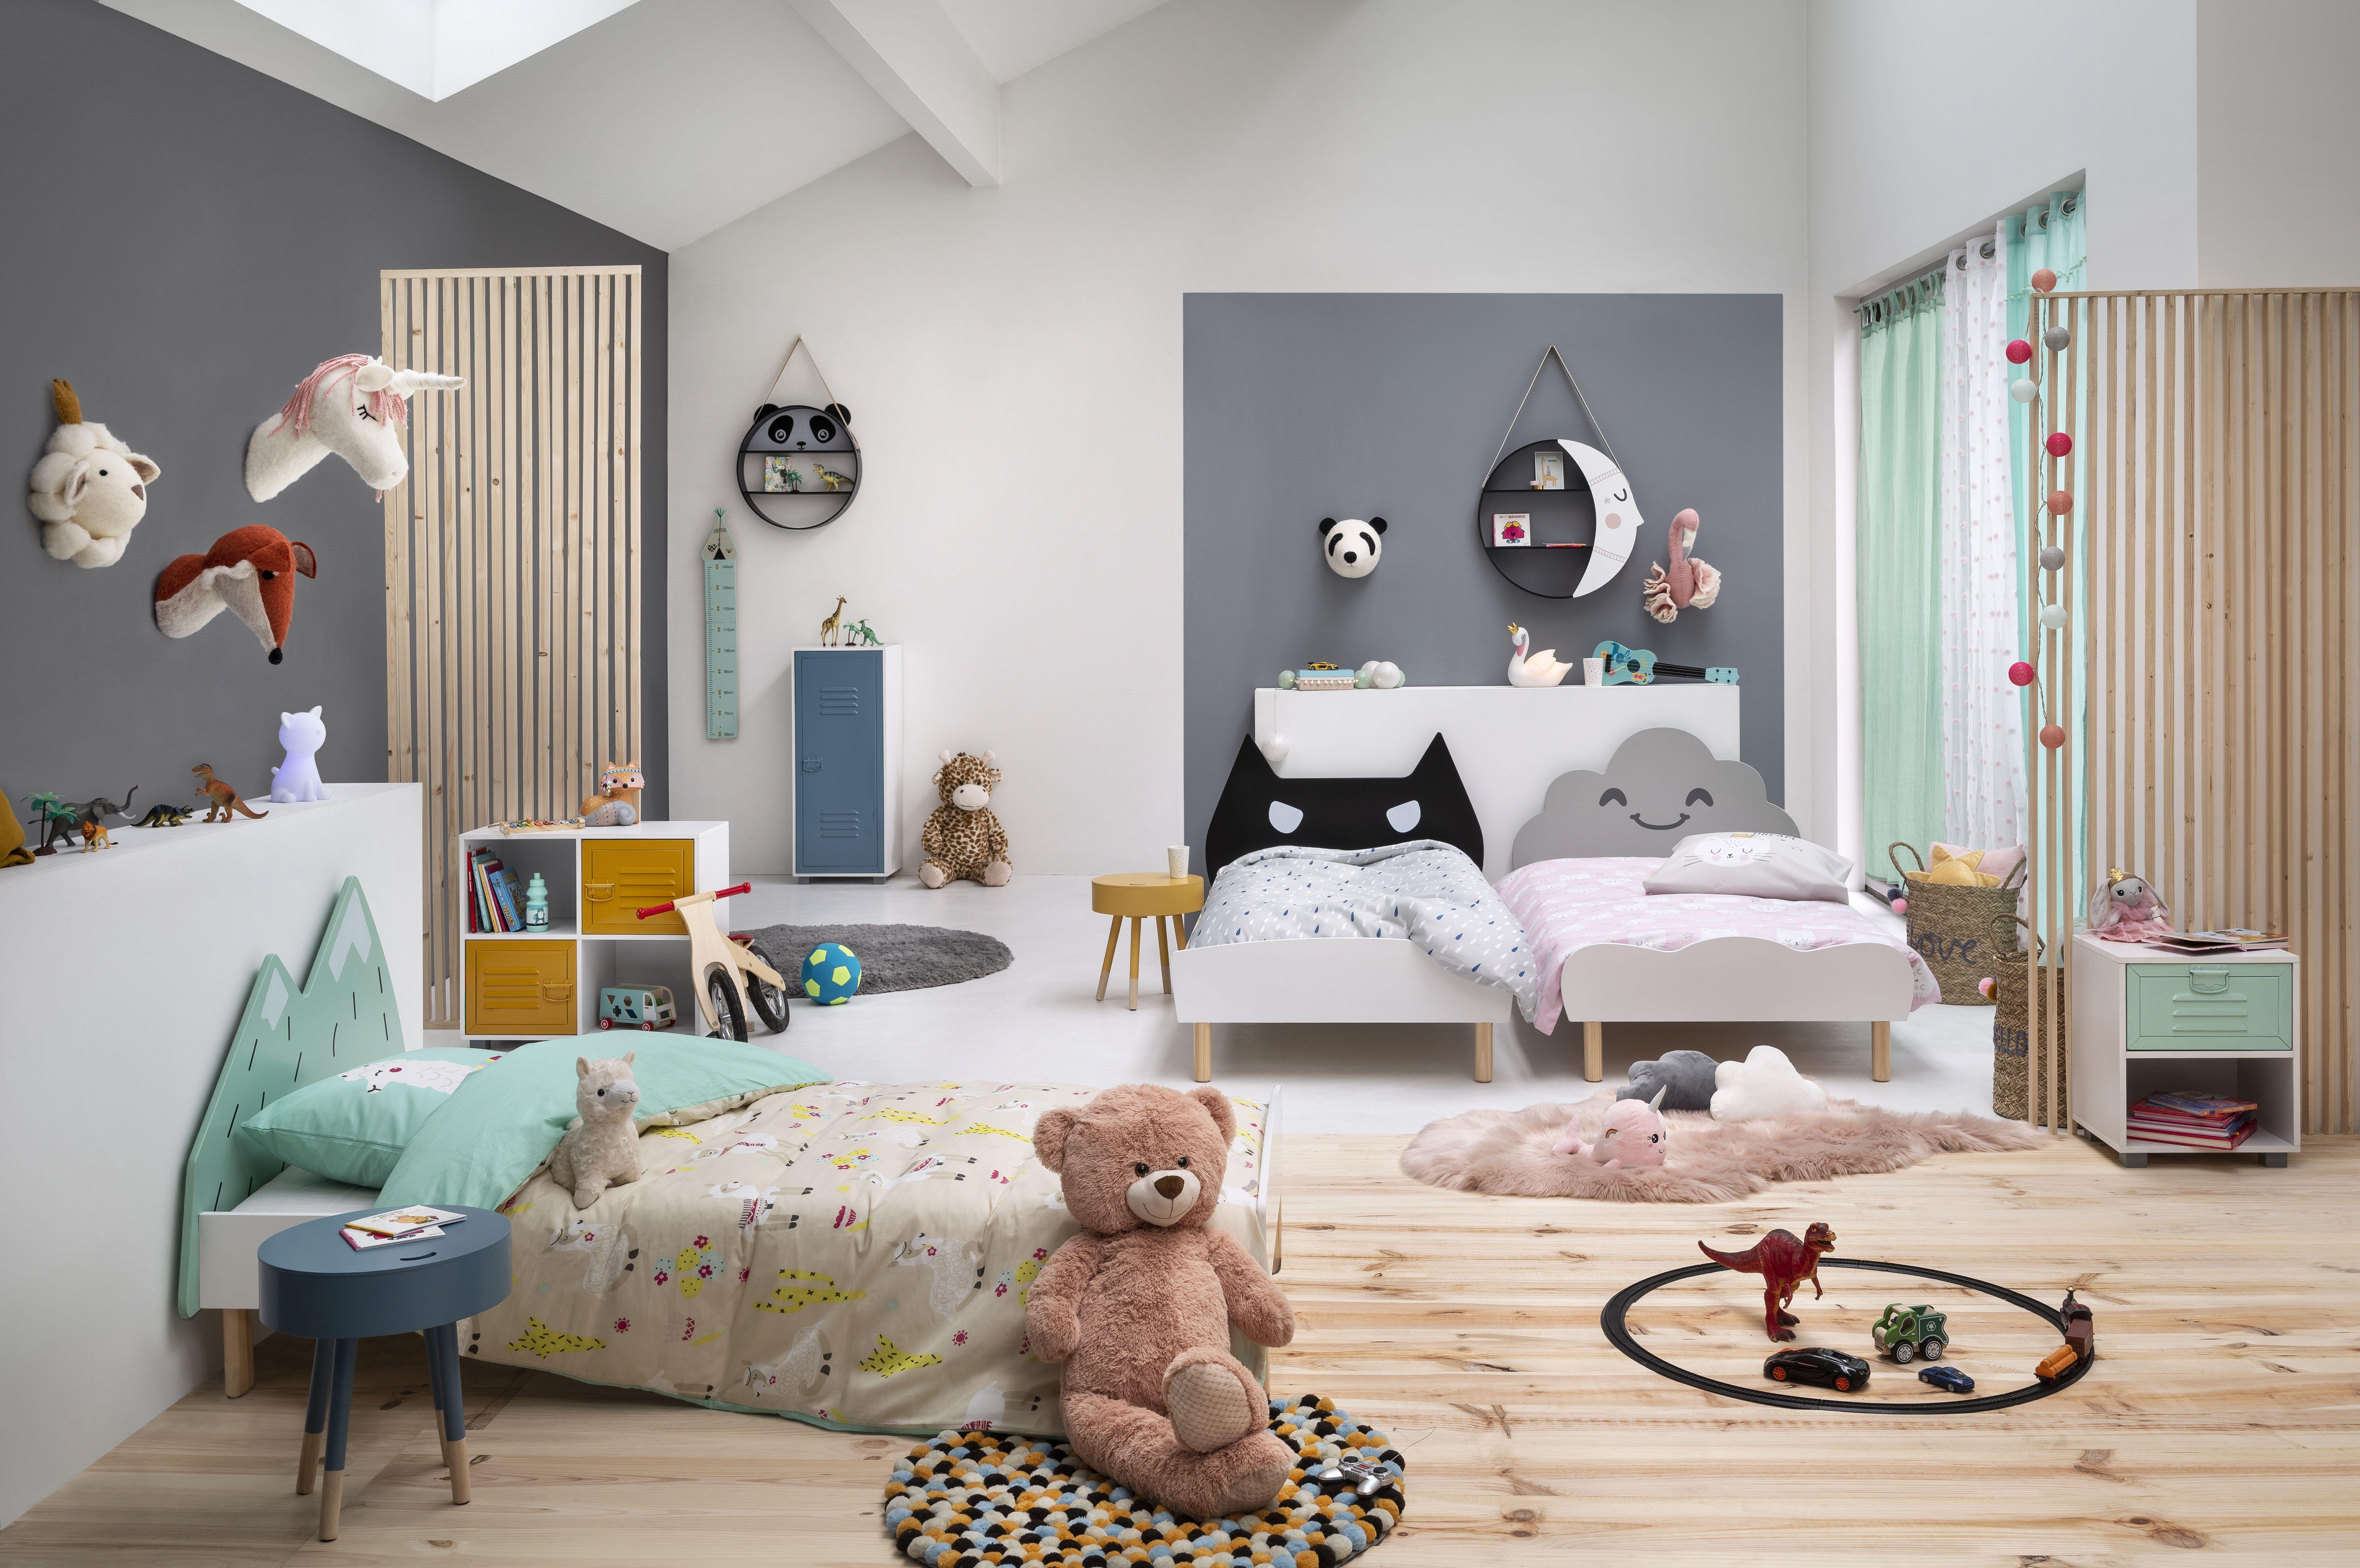 Lit Enfant Meuble Gifi Decoration Maison Tete De Lit Nuage